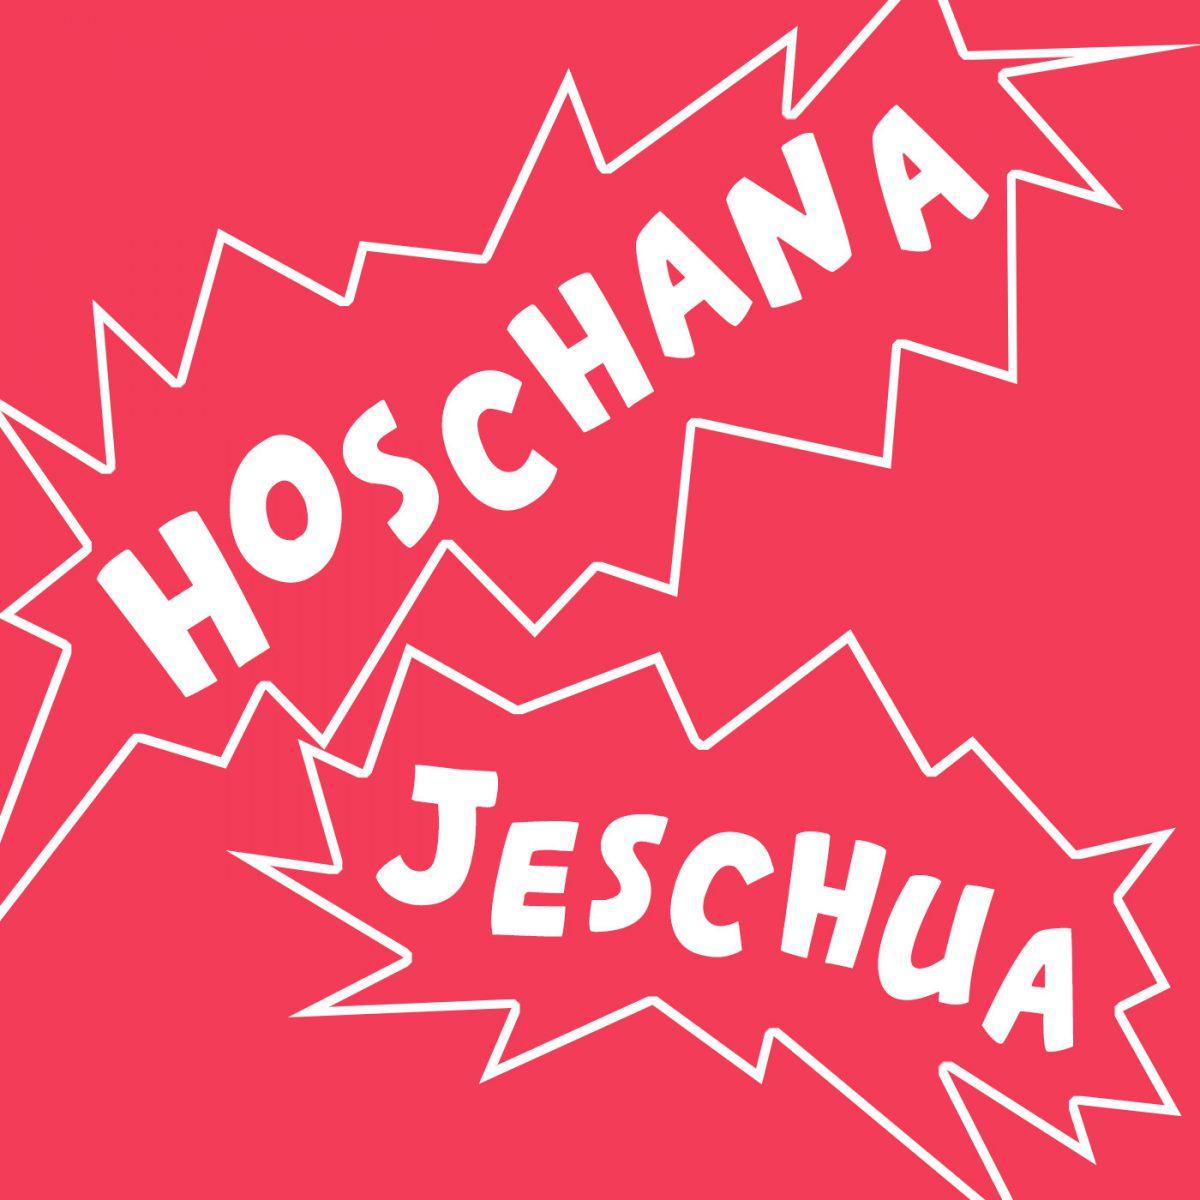 Hoschana! Jeschua!